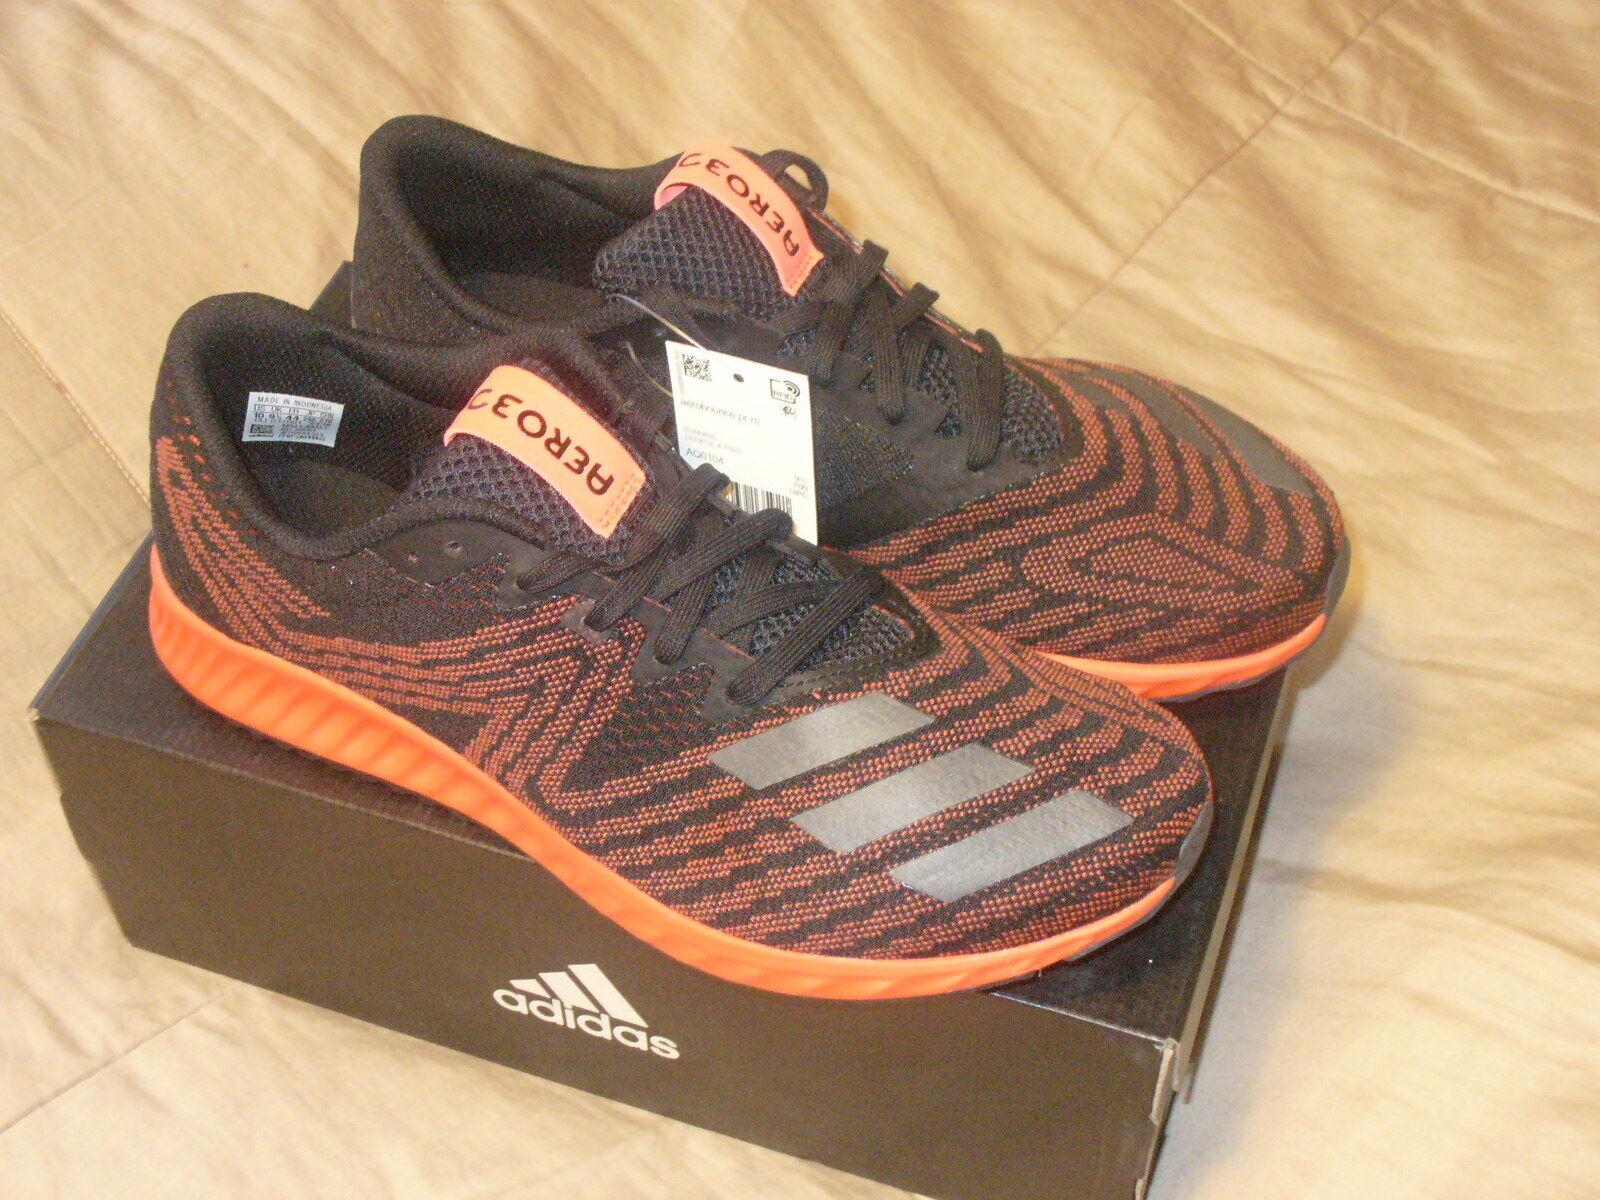 Adidas Hombres aerobounce pr  calzado atlético continental, Negro Metalizado Rojo Solar, 10M.  orden en línea